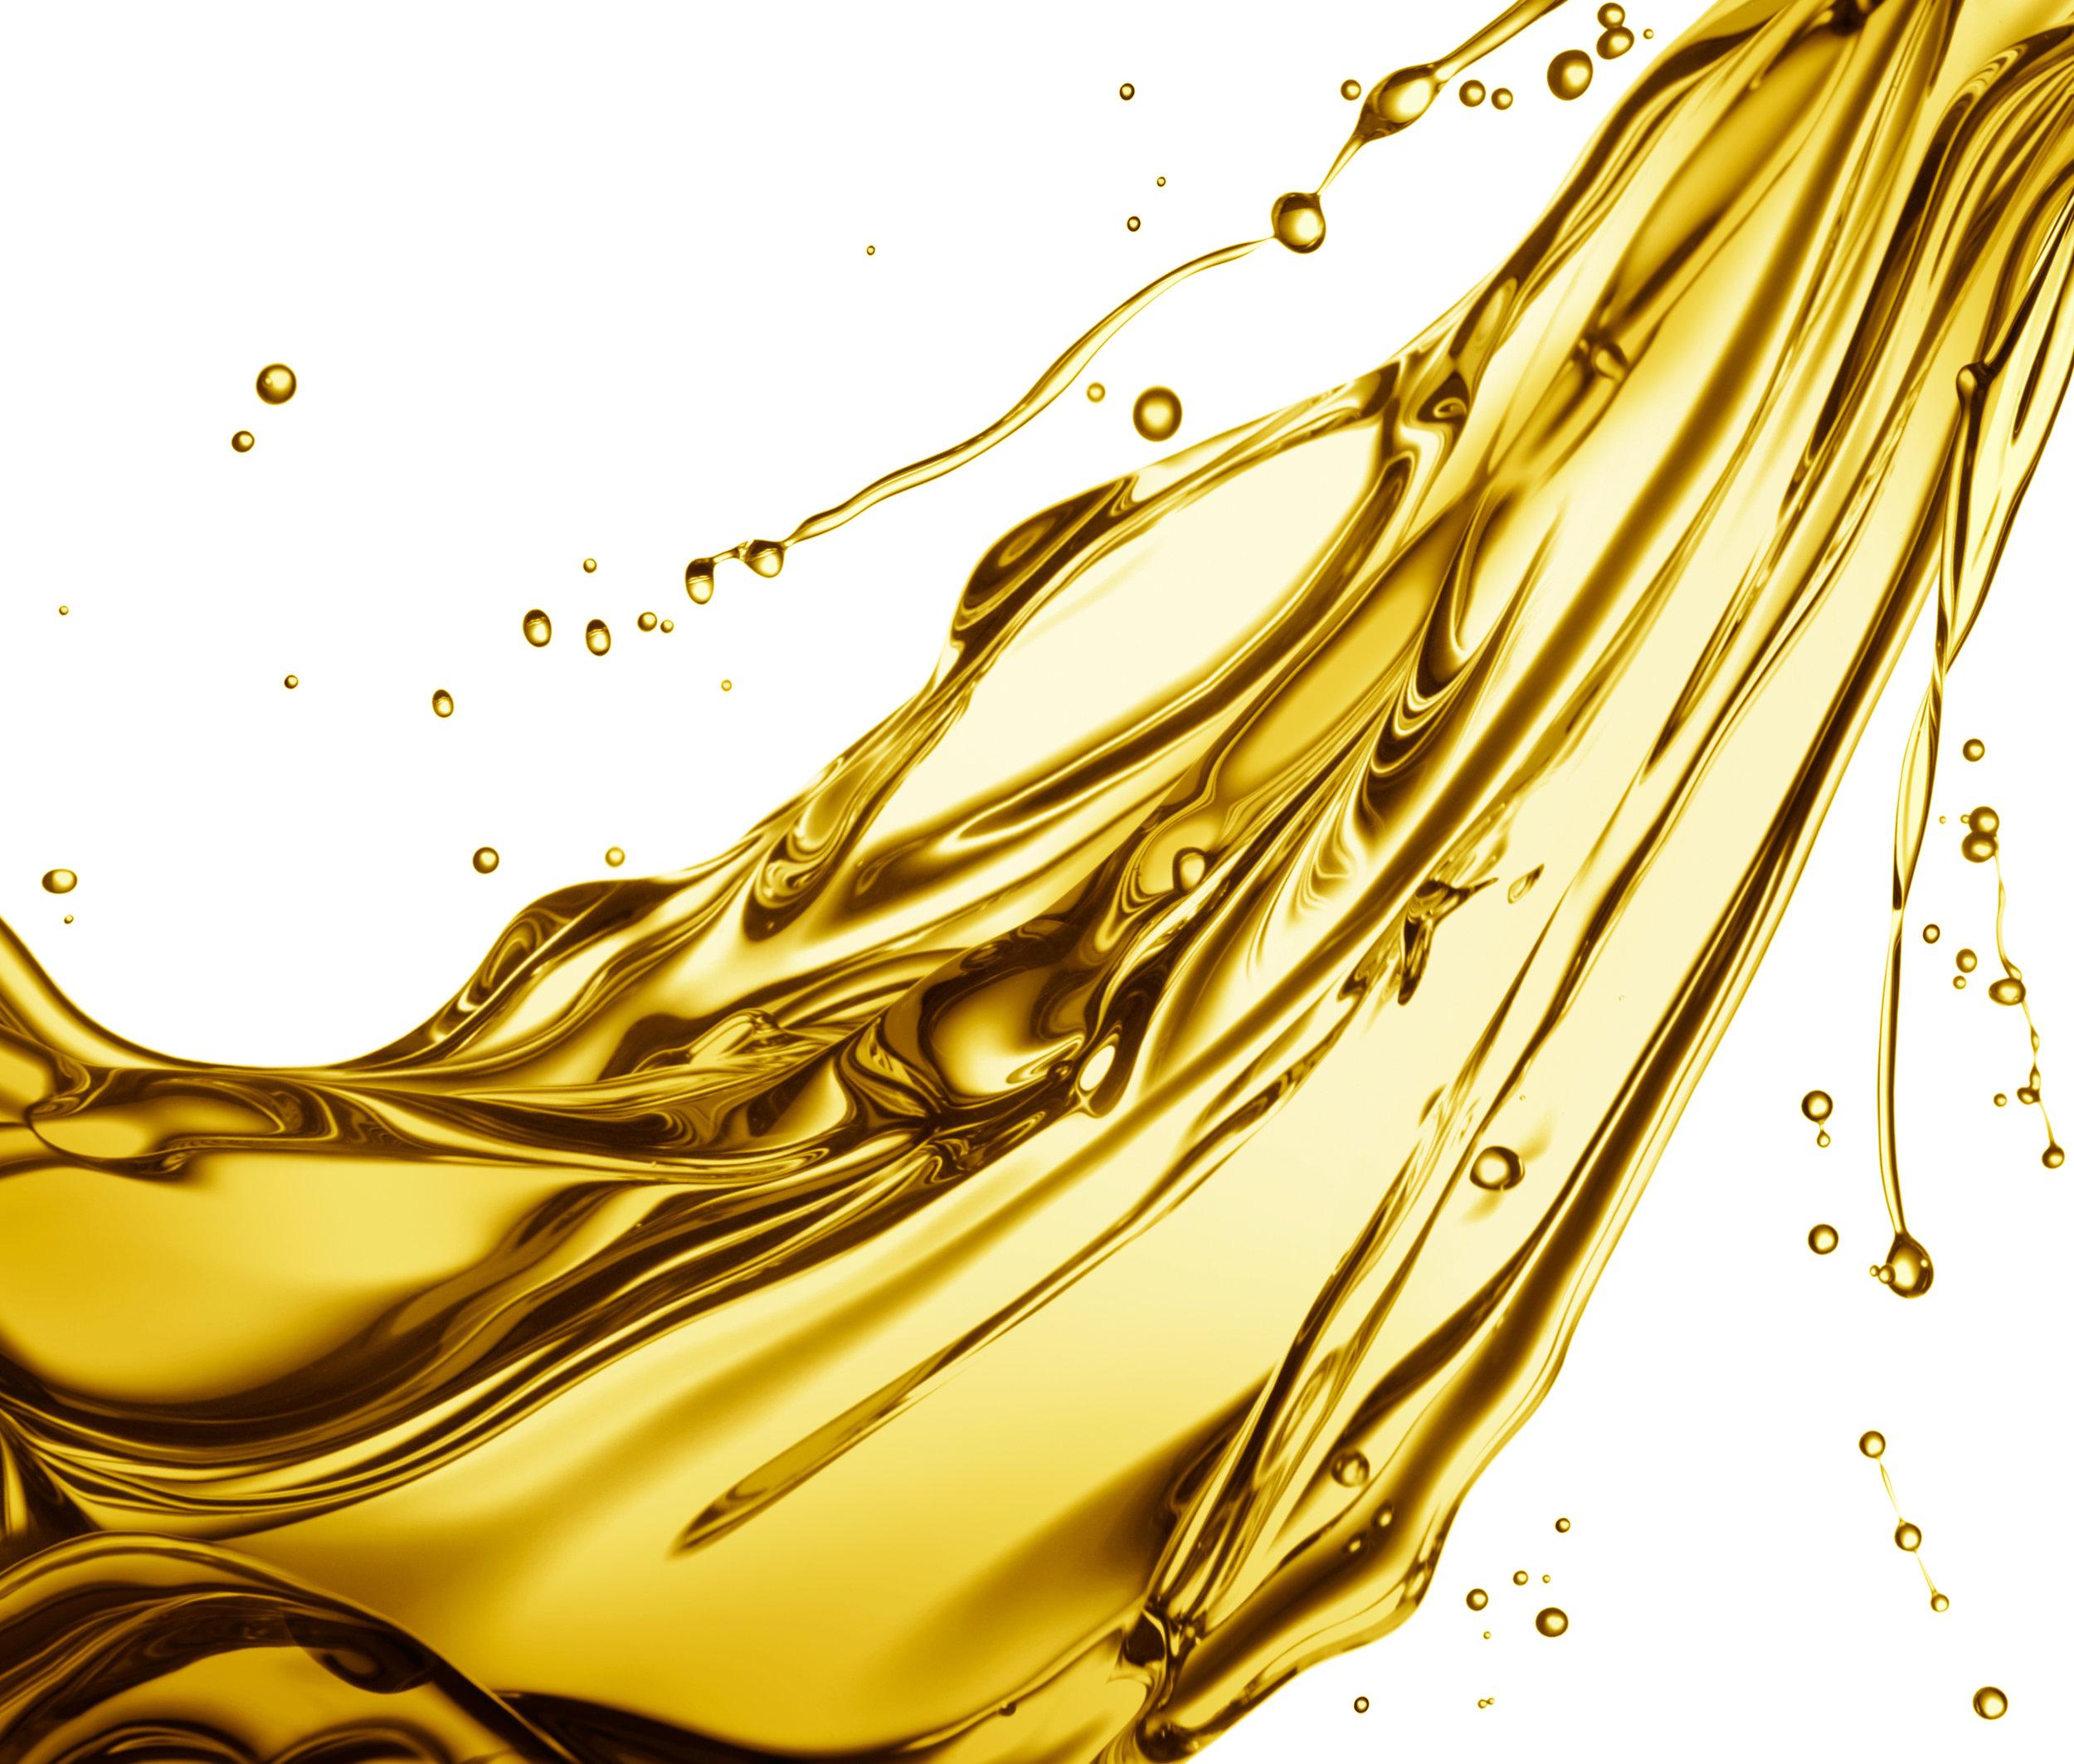 Oil Splashing .jpg